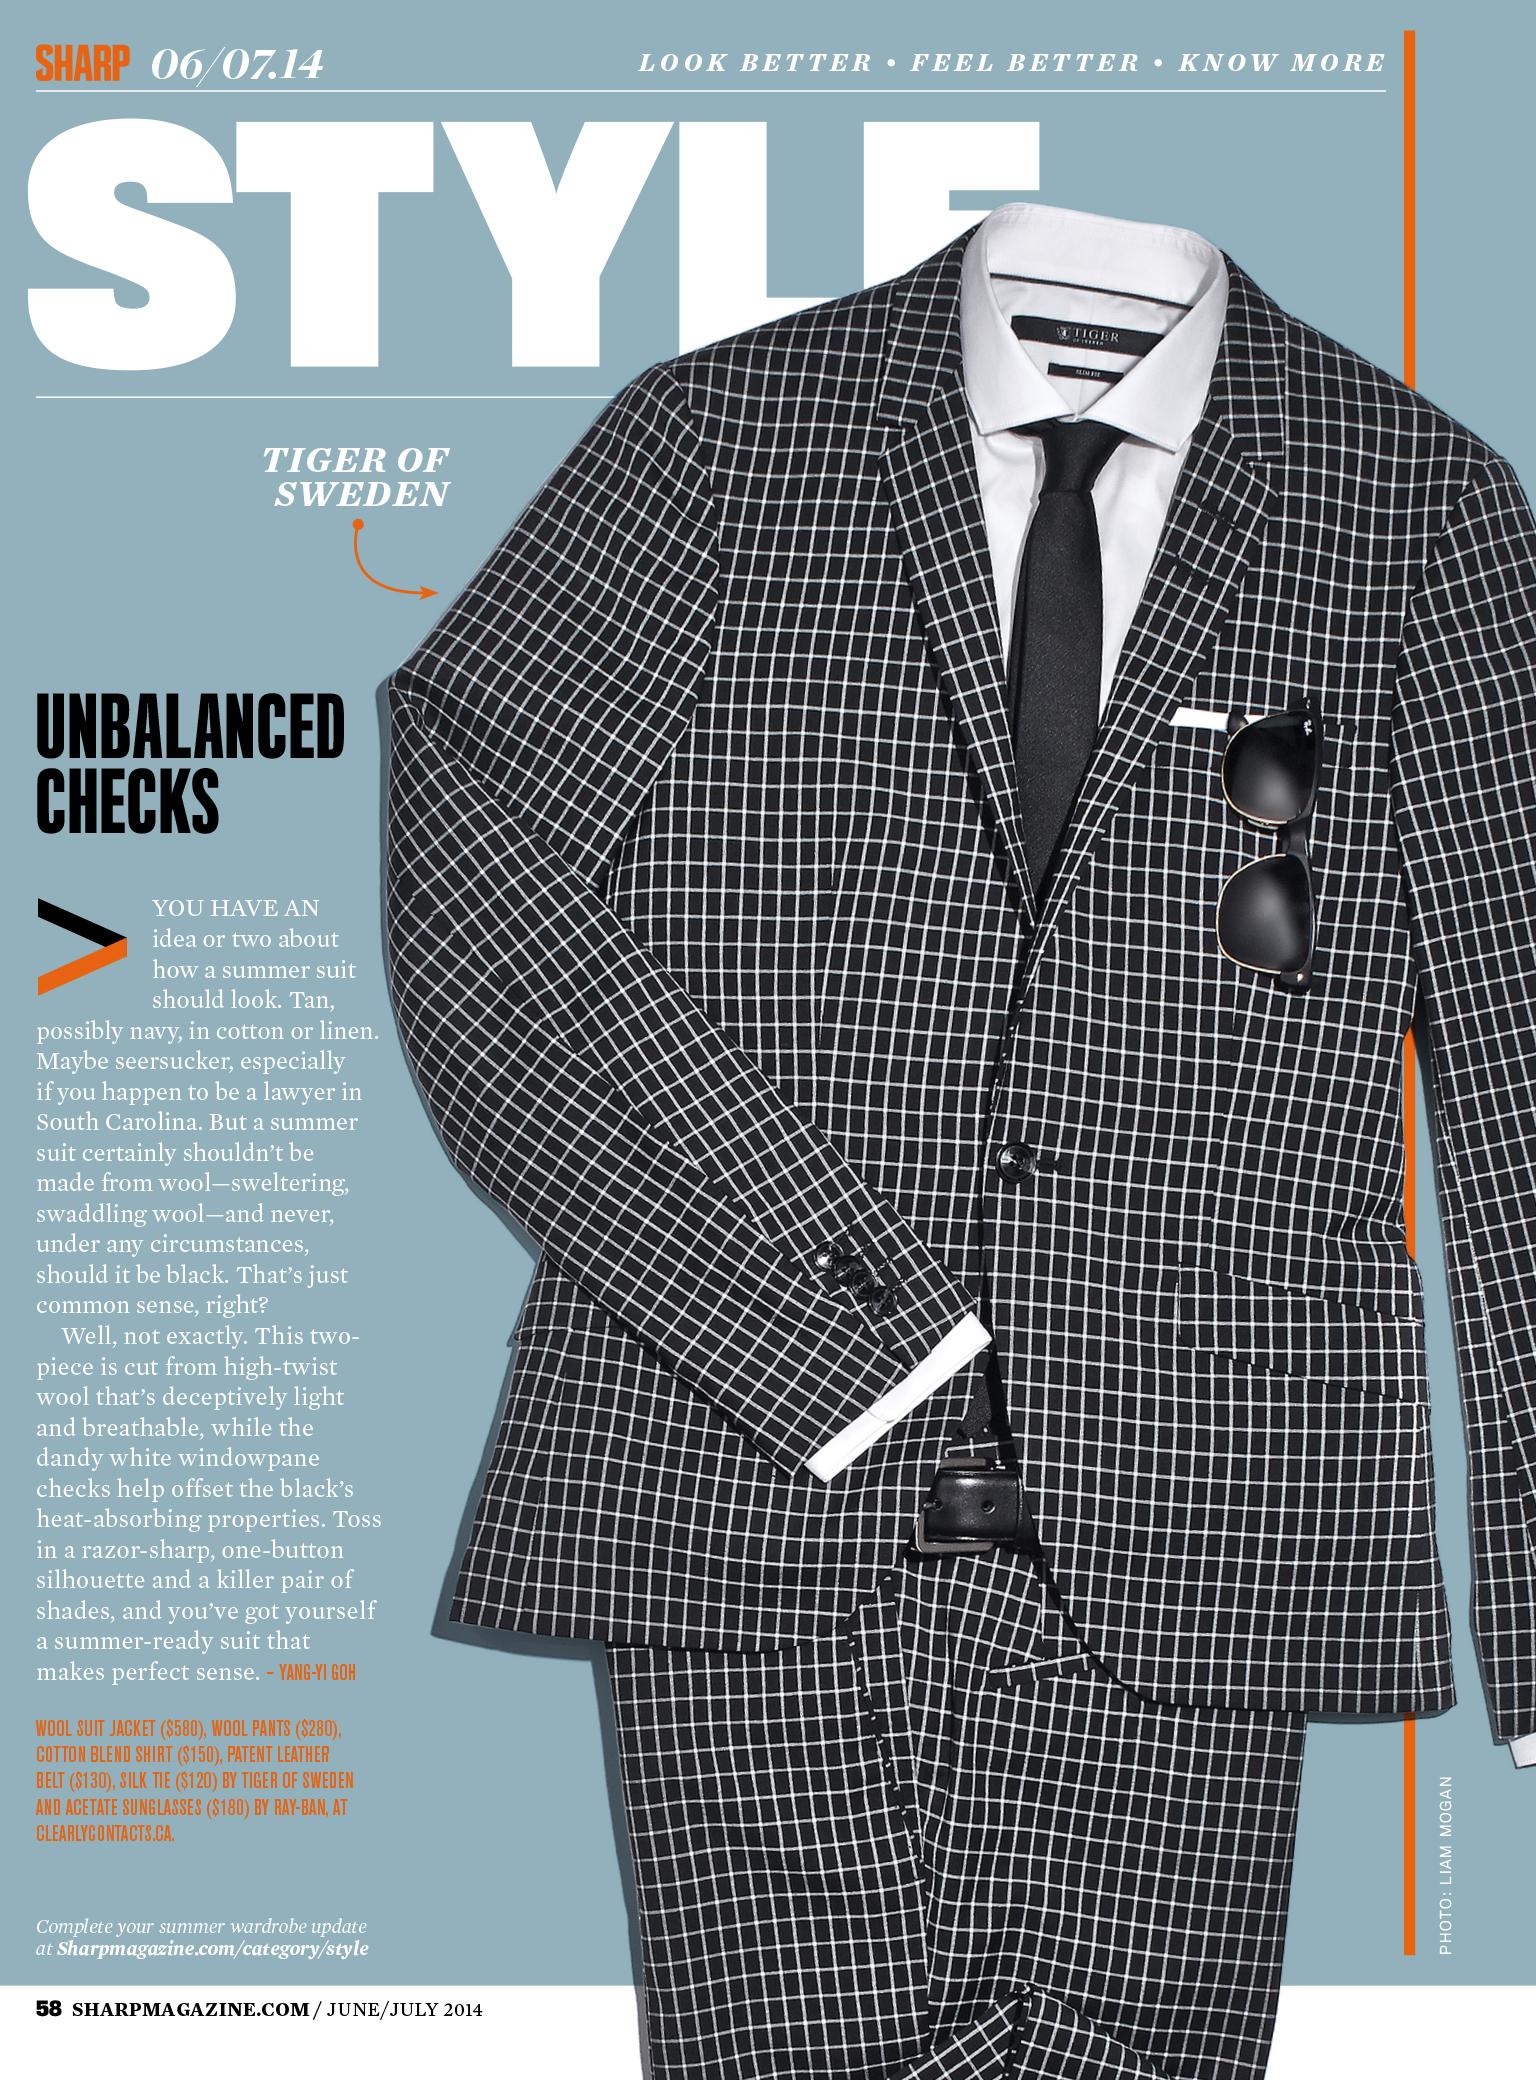 Sharp Magazine, Summer 2014